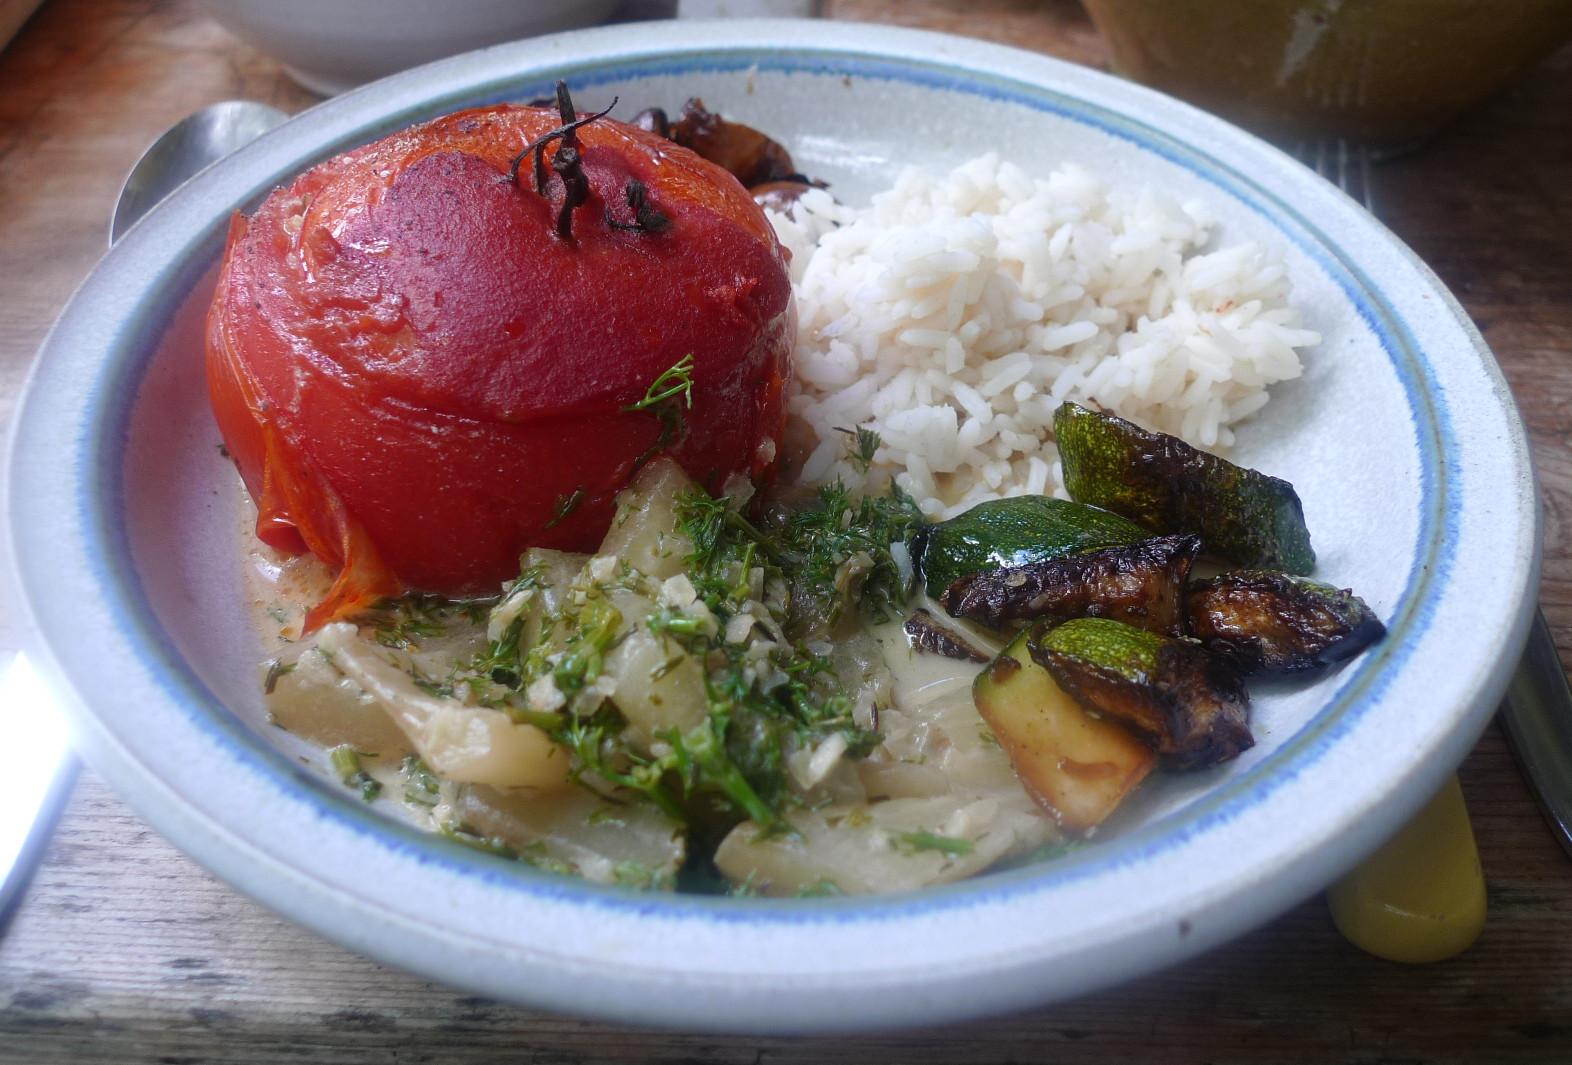 Gefüllte Tomaten,Gurkengemüse,Champignon,Zucchini,Reis-24.7.14   (14)